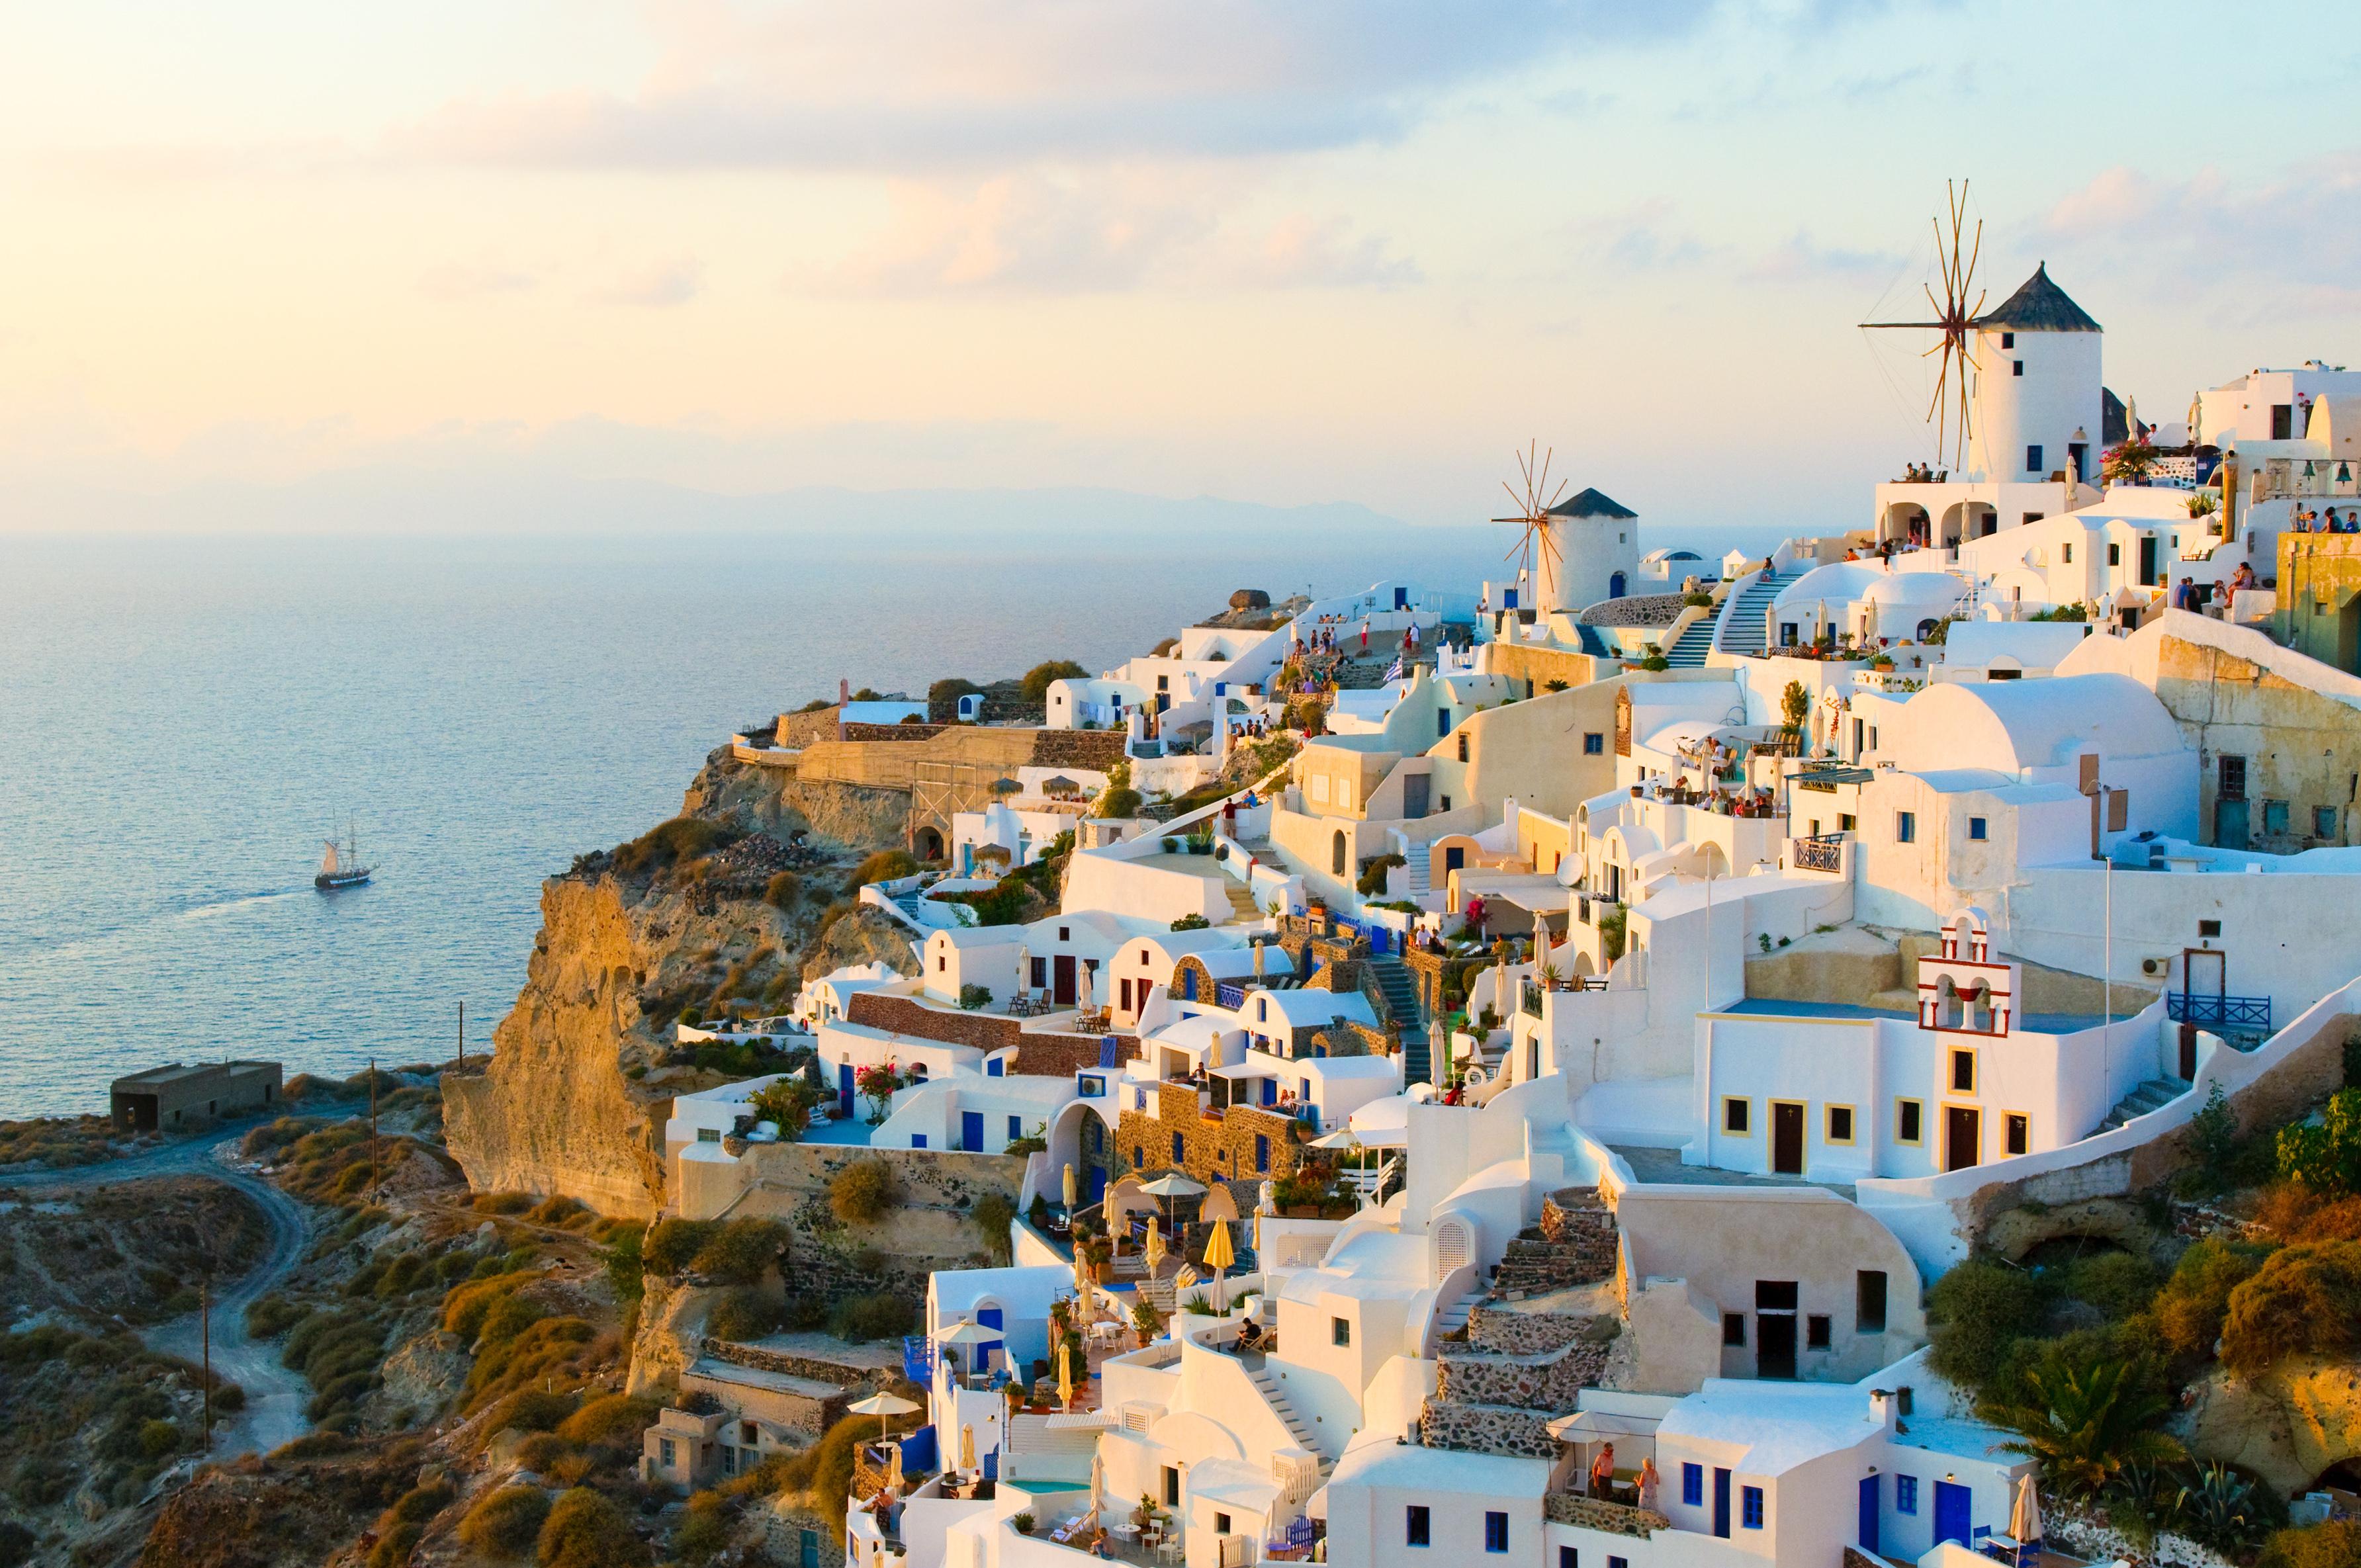 541827fc5302c - Ранее бронирование - Греция